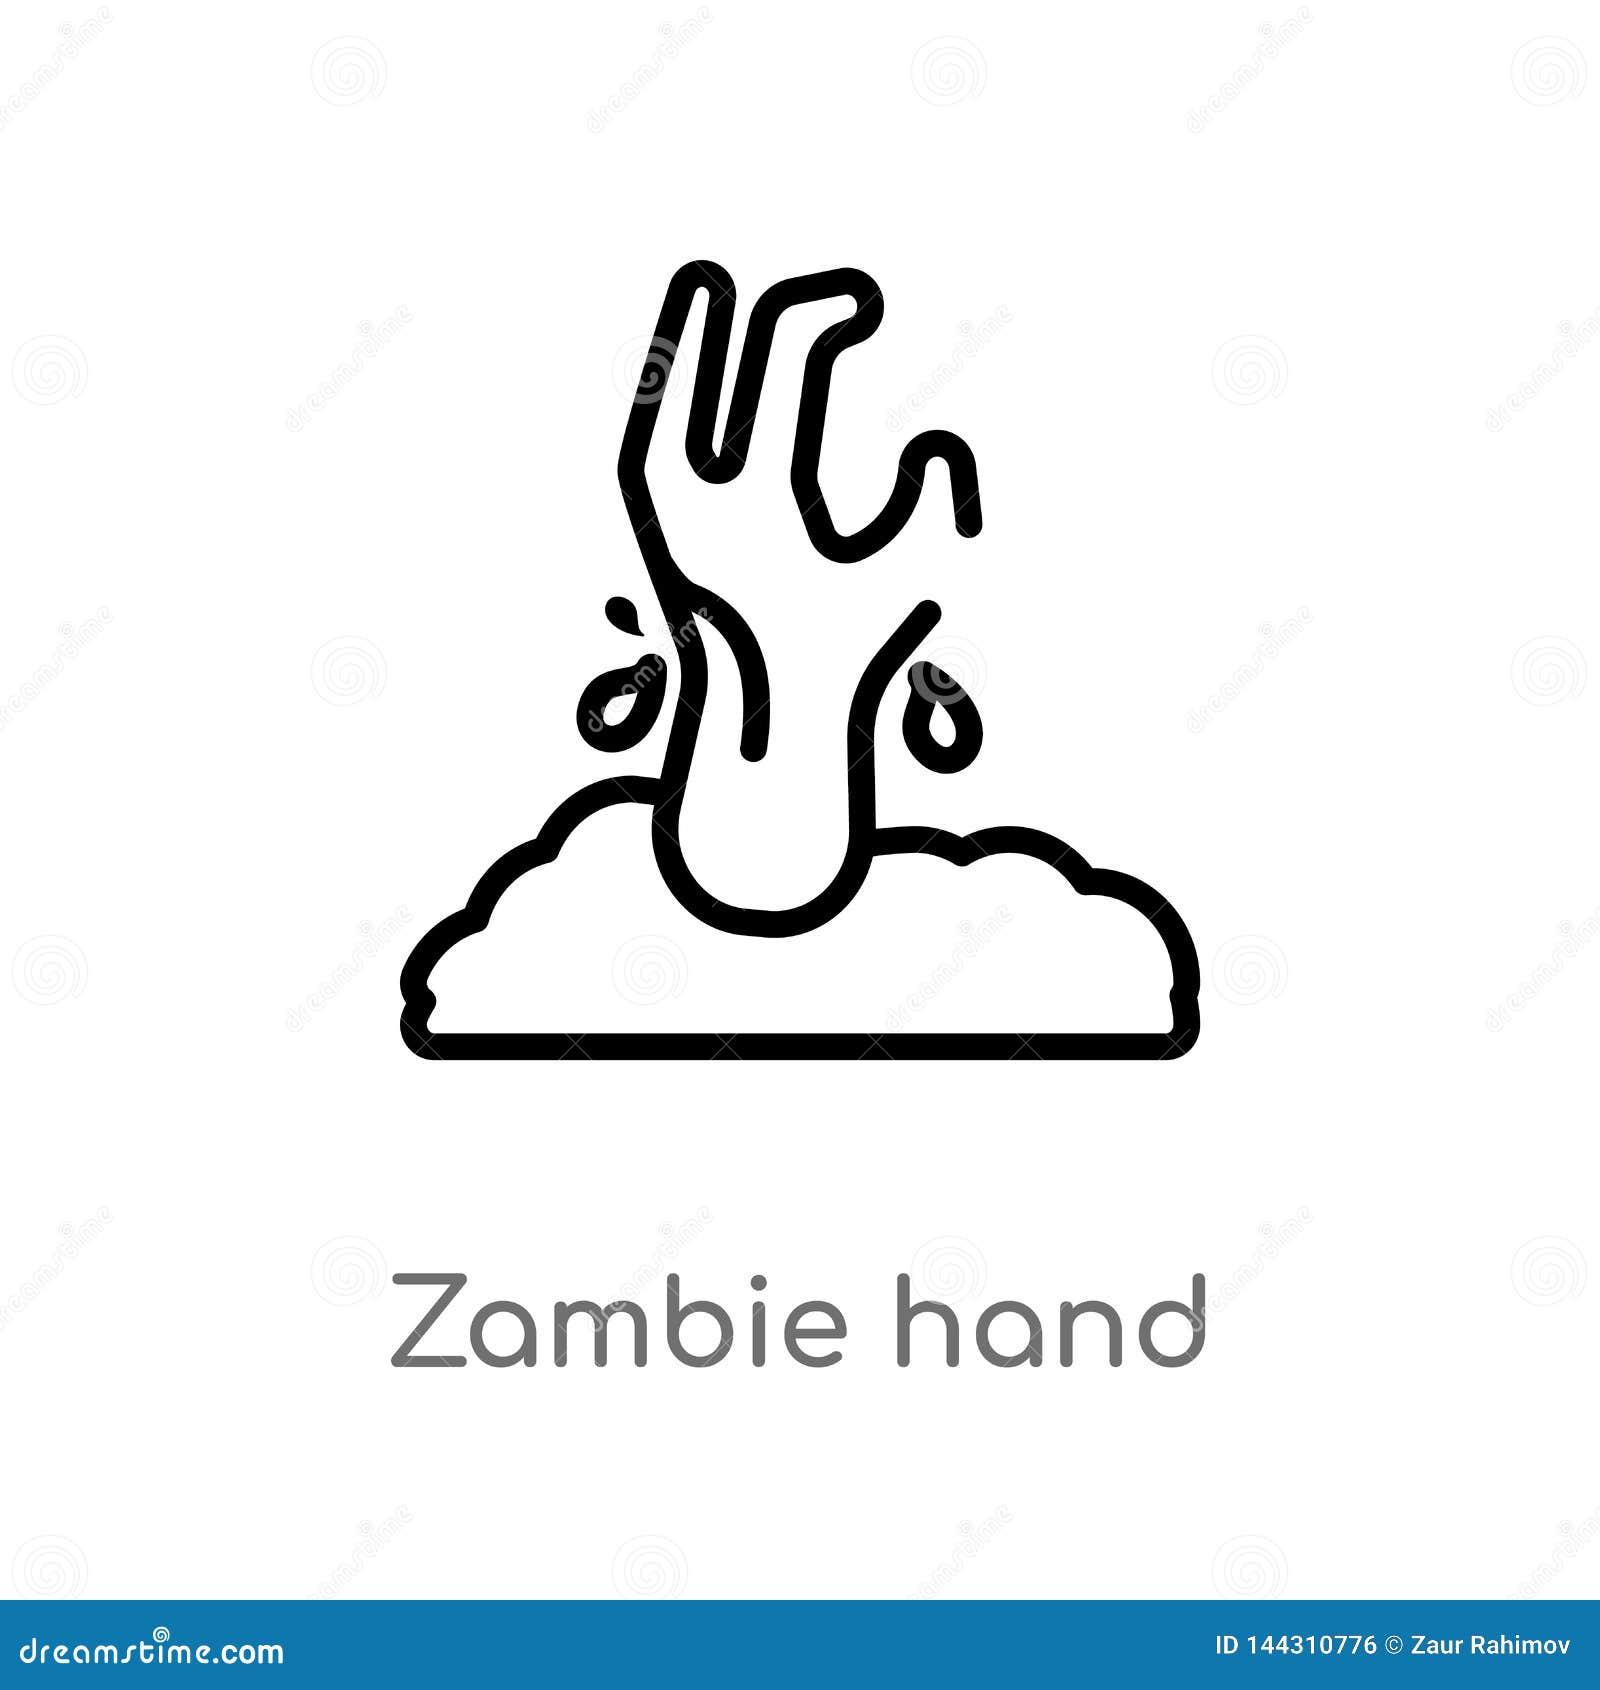 Icono del vector de la mano del zambie del esquema l?nea simple negra aislada ejemplo del elemento del otro concepto zambie edita